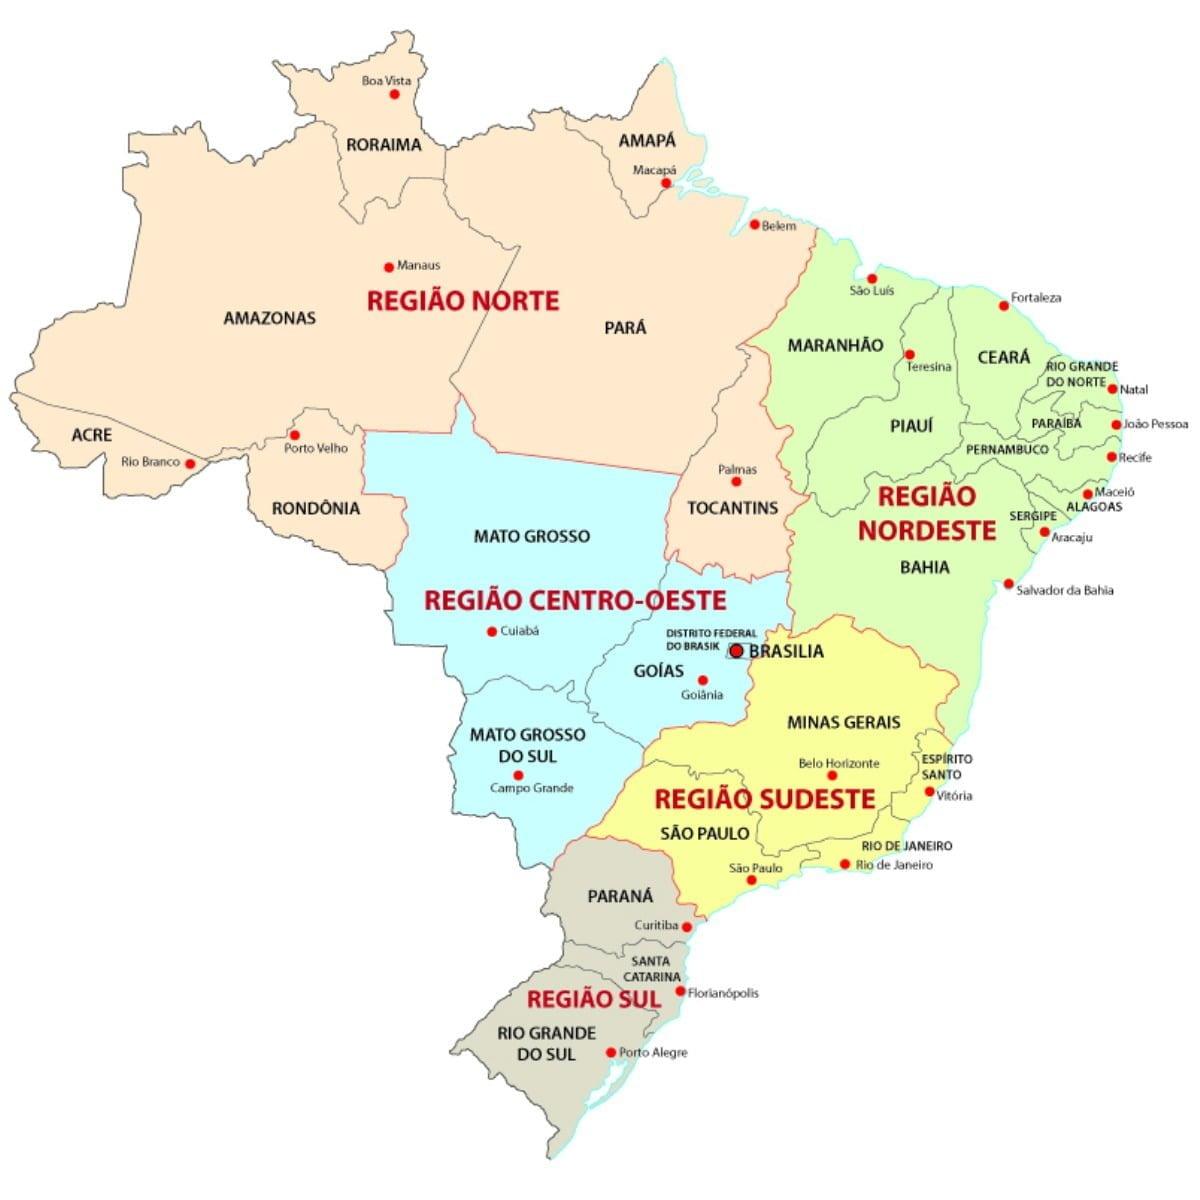 Landkaart van Brazilië die verdeeld is in regio's en deelstaten